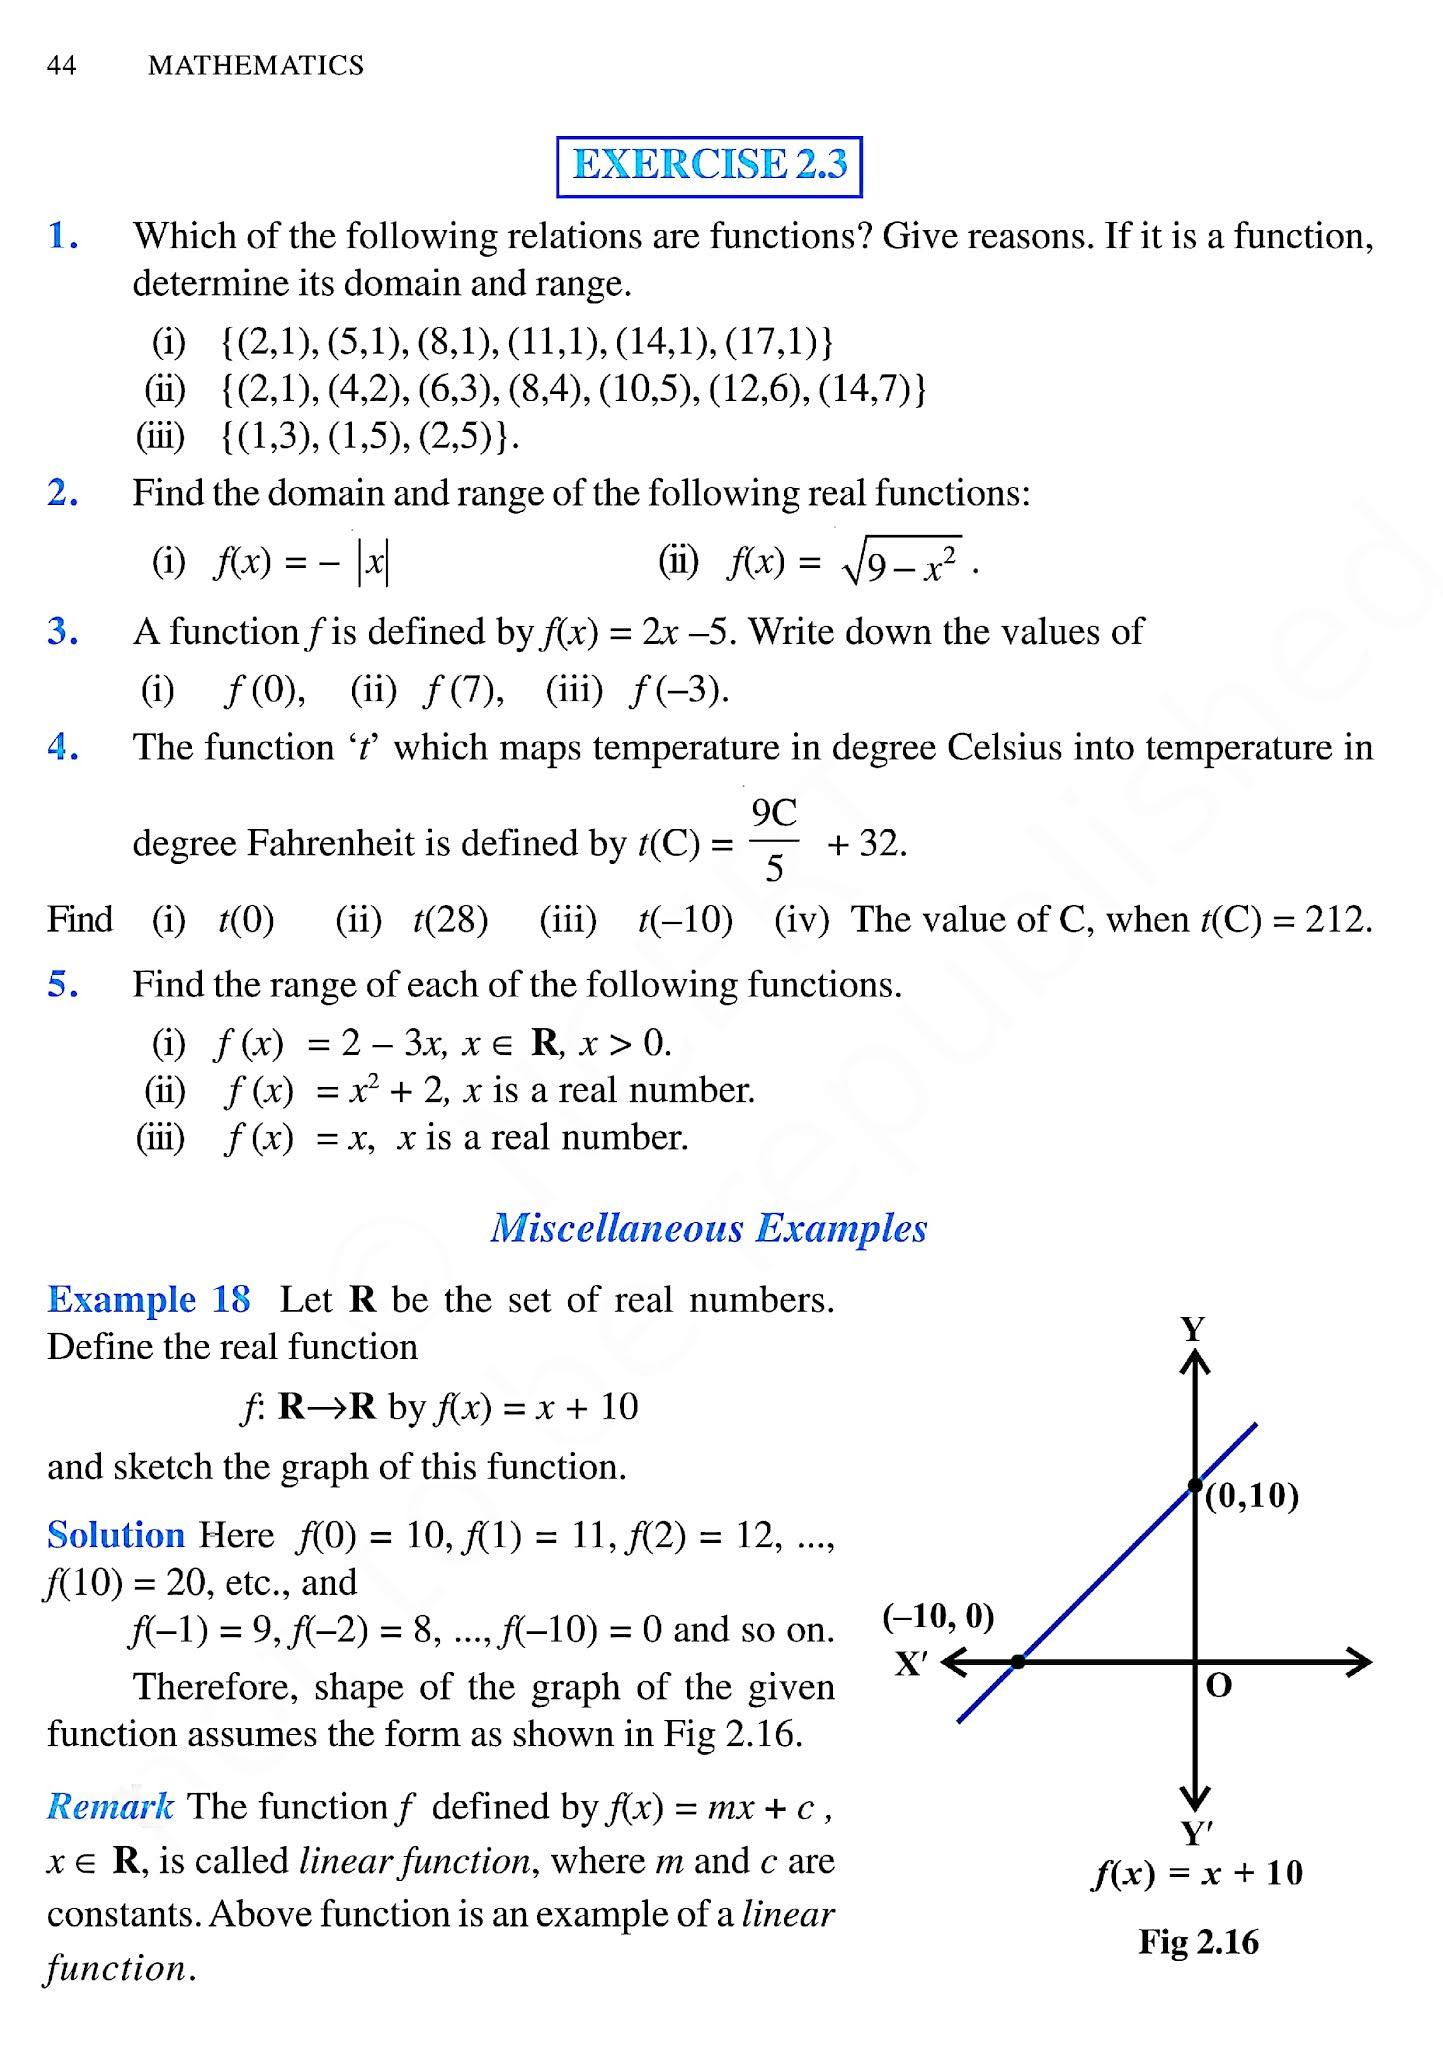 Class 11 Maths Chapter 2  Text Book - English Medium,  11th Maths book in hindi,11th Maths notes in hindi,cbse books for class  11,cbse books in hindi,cbse ncert books,class  11  Maths notes in hindi,class  11 hindi ncert solutions, Maths 2020, Maths 2021, Maths 2022, Maths book class  11, Maths book in hindi, Maths class  11 in hindi, Maths notes for class  11 up board in hindi,ncert all books,ncert app in hindi,ncert book solution,ncert books class 10,ncert books class  11,ncert books for class 7,ncert books for upsc in hindi,ncert books in hindi class 10,ncert books in hindi for class  11  Maths,ncert books in hindi for class 6,ncert books in hindi pdf,ncert class  11 hindi book,ncert english book,ncert  Maths book in hindi,ncert  Maths books in hindi pdf,ncert  Maths class  11,ncert in hindi,old ncert books in hindi,online ncert books in hindi,up board  11th,up board  11th syllabus,up board class 10 hindi book,up board class  11 books,up board class  11 new syllabus,up Board  Maths 2020,up Board  Maths 2021,up Board  Maths 2022,up Board  Maths 2023,up board intermediate  Maths syllabus,up board intermediate syllabus 2021,Up board Master 2021,up board model paper 2021,up board model paper all subject,up board new syllabus of class 11th Maths,up board paper 2021,Up board syllabus 2021,UP board syllabus 2022,   11 वीं मैथ्स पुस्तक हिंदी में,  11 वीं मैथ्स नोट्स हिंदी में, कक्षा  11 के लिए सीबीएससी पुस्तकें, हिंदी में सीबीएससी पुस्तकें, सीबीएससी  पुस्तकें, कक्षा  11 मैथ्स नोट्स हिंदी में, कक्षा  11 हिंदी एनसीईआरटी समाधान, मैथ्स 2020, मैथ्स 2021, मैथ्स 2022, मैथ्स  बुक क्लास  11, मैथ्स बुक इन हिंदी, बायोलॉजी क्लास  11 हिंदी में, मैथ्स नोट्स इन क्लास  11 यूपी  बोर्ड इन हिंदी, एनसीईआरटी मैथ्स की किताब हिंदी में,  बोर्ड  11 वीं तक,  11 वीं तक की पाठ्यक्रम, बोर्ड कक्षा 10 की हिंदी पुस्तक  , बोर्ड की कक्षा  11 की किताबें, बोर्ड की कक्षा  11 की नई पाठ्यक्रम, बोर्ड मैथ्स 2020, यूपी   बोर्ड मैथ्स 2021, यूपी  बोर्ड मैथ्स 2022, यूपी  बोर्ड मैथ्स 2023, यूपी  बोर्ड इंटरमीडिएट बा